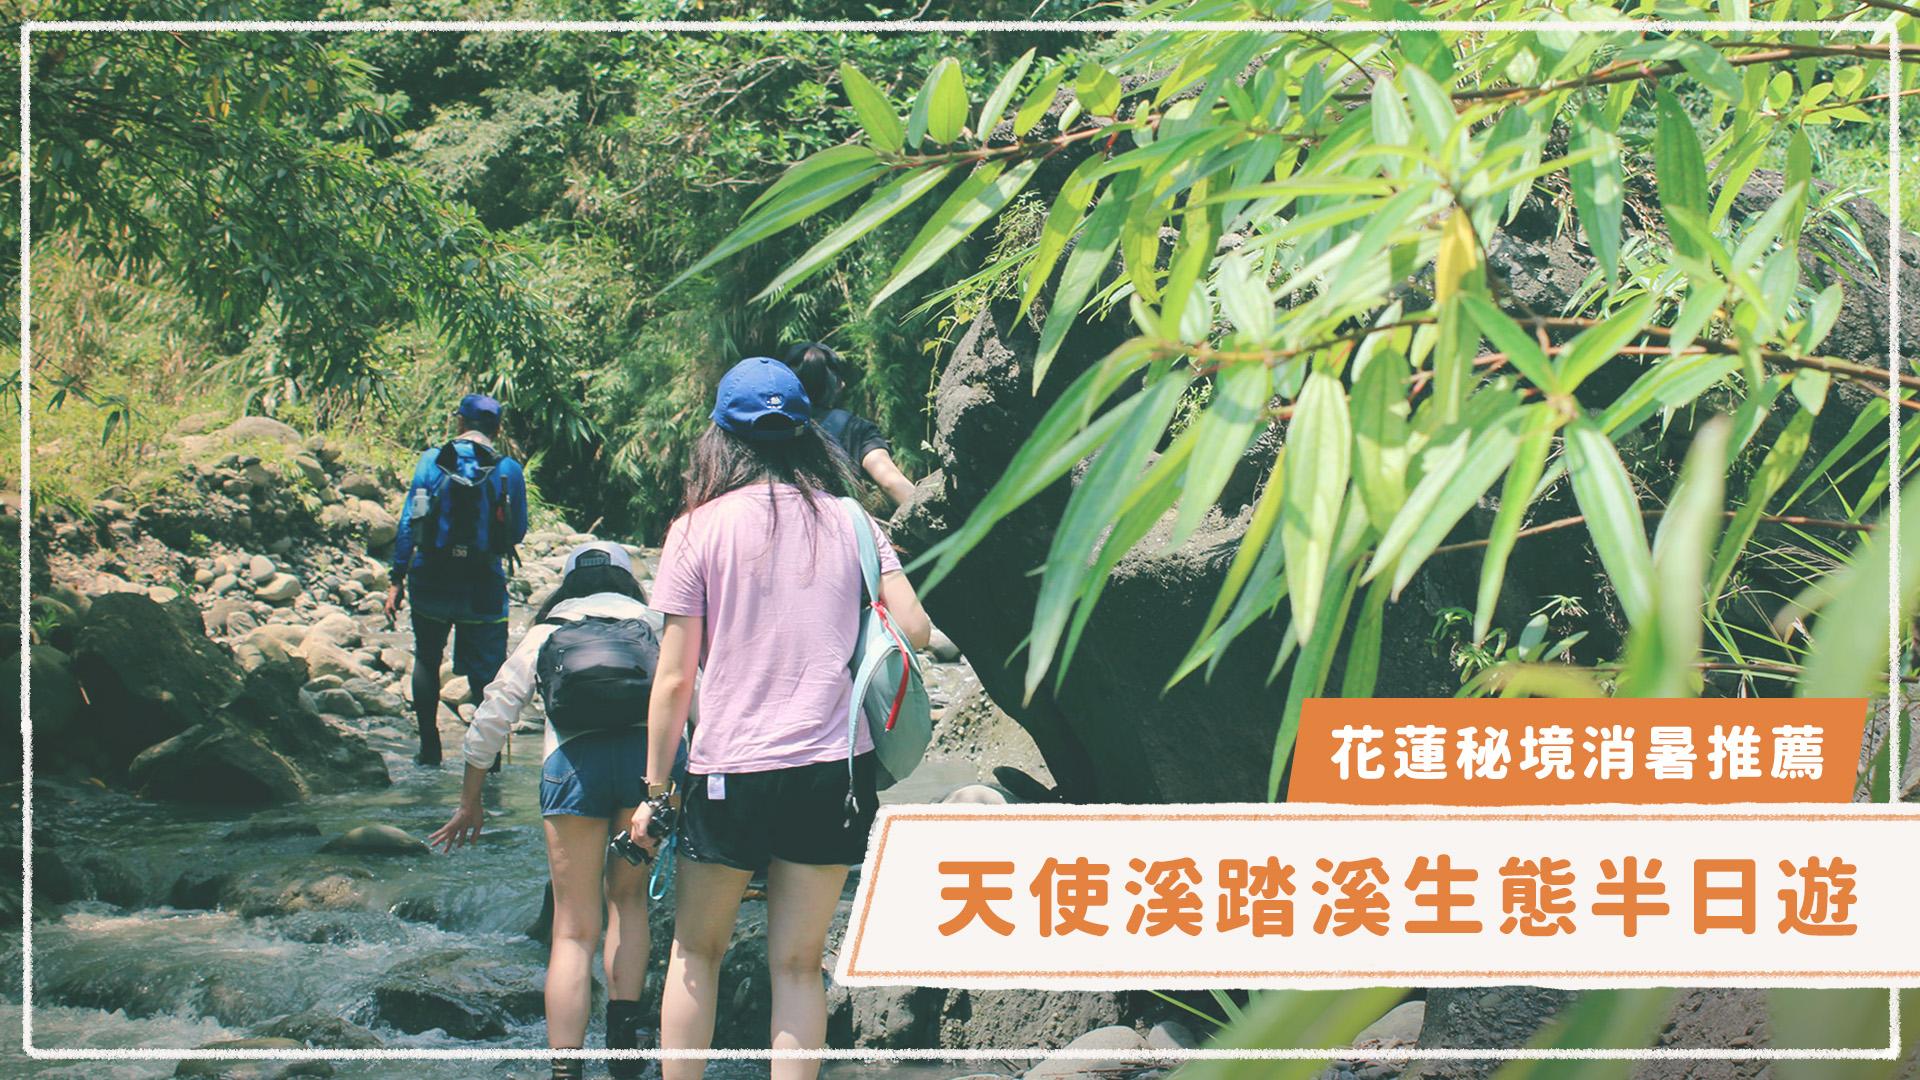 【花蓮秘境消暑推薦】九成當地人都不知道的踏溪路線,一起踩著水花潛入世外桃源吧!